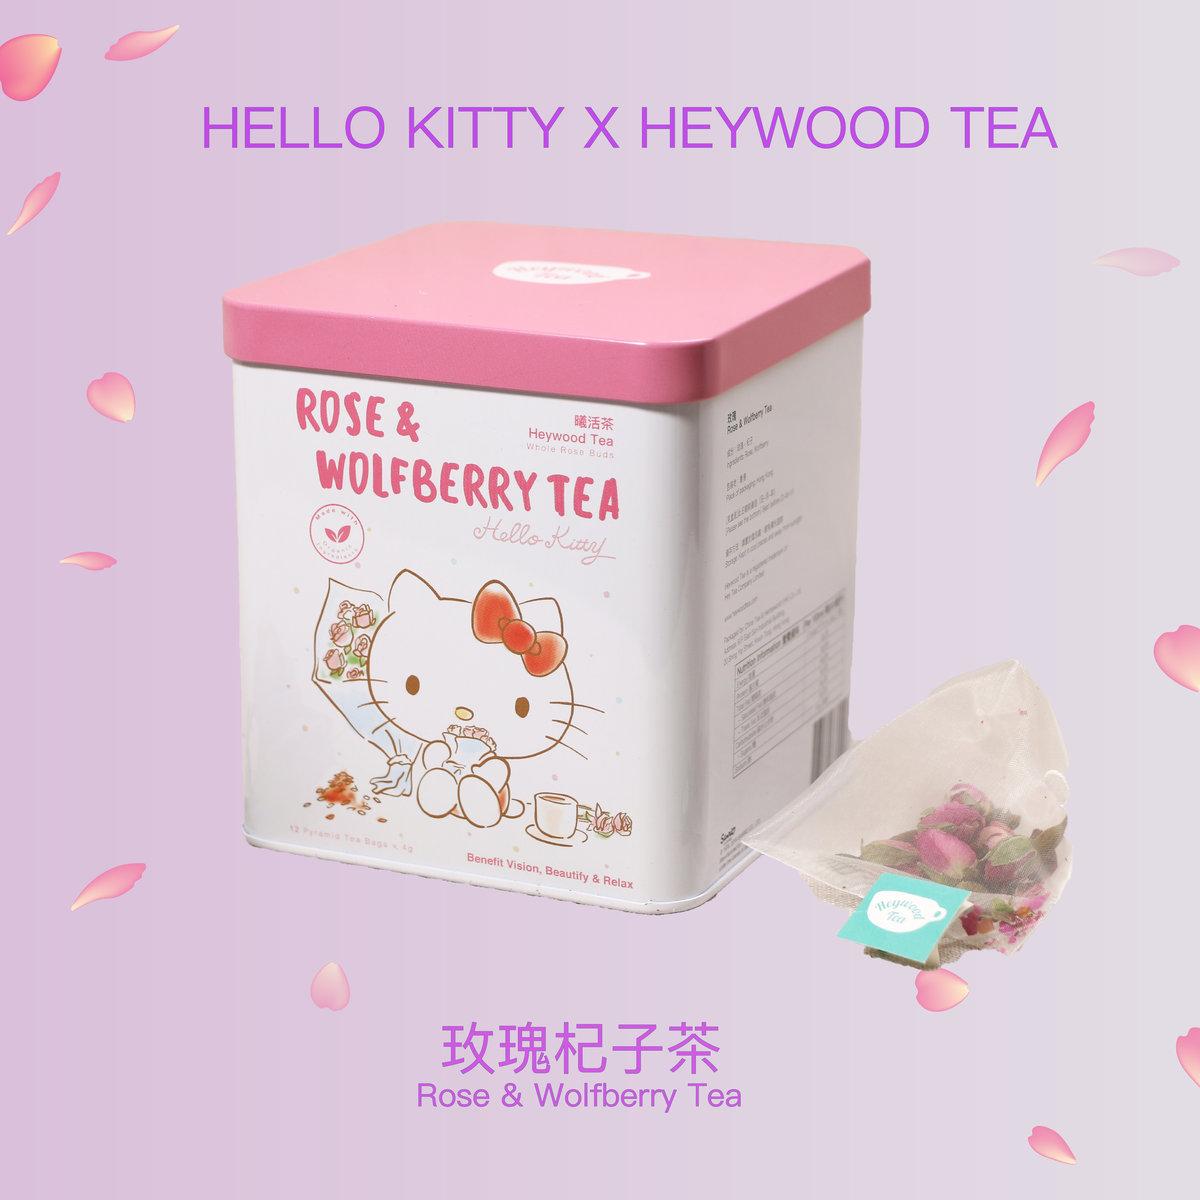 Hello Kitty x Heywood Tea - Rose & Wolfberry Tea 4g x 12